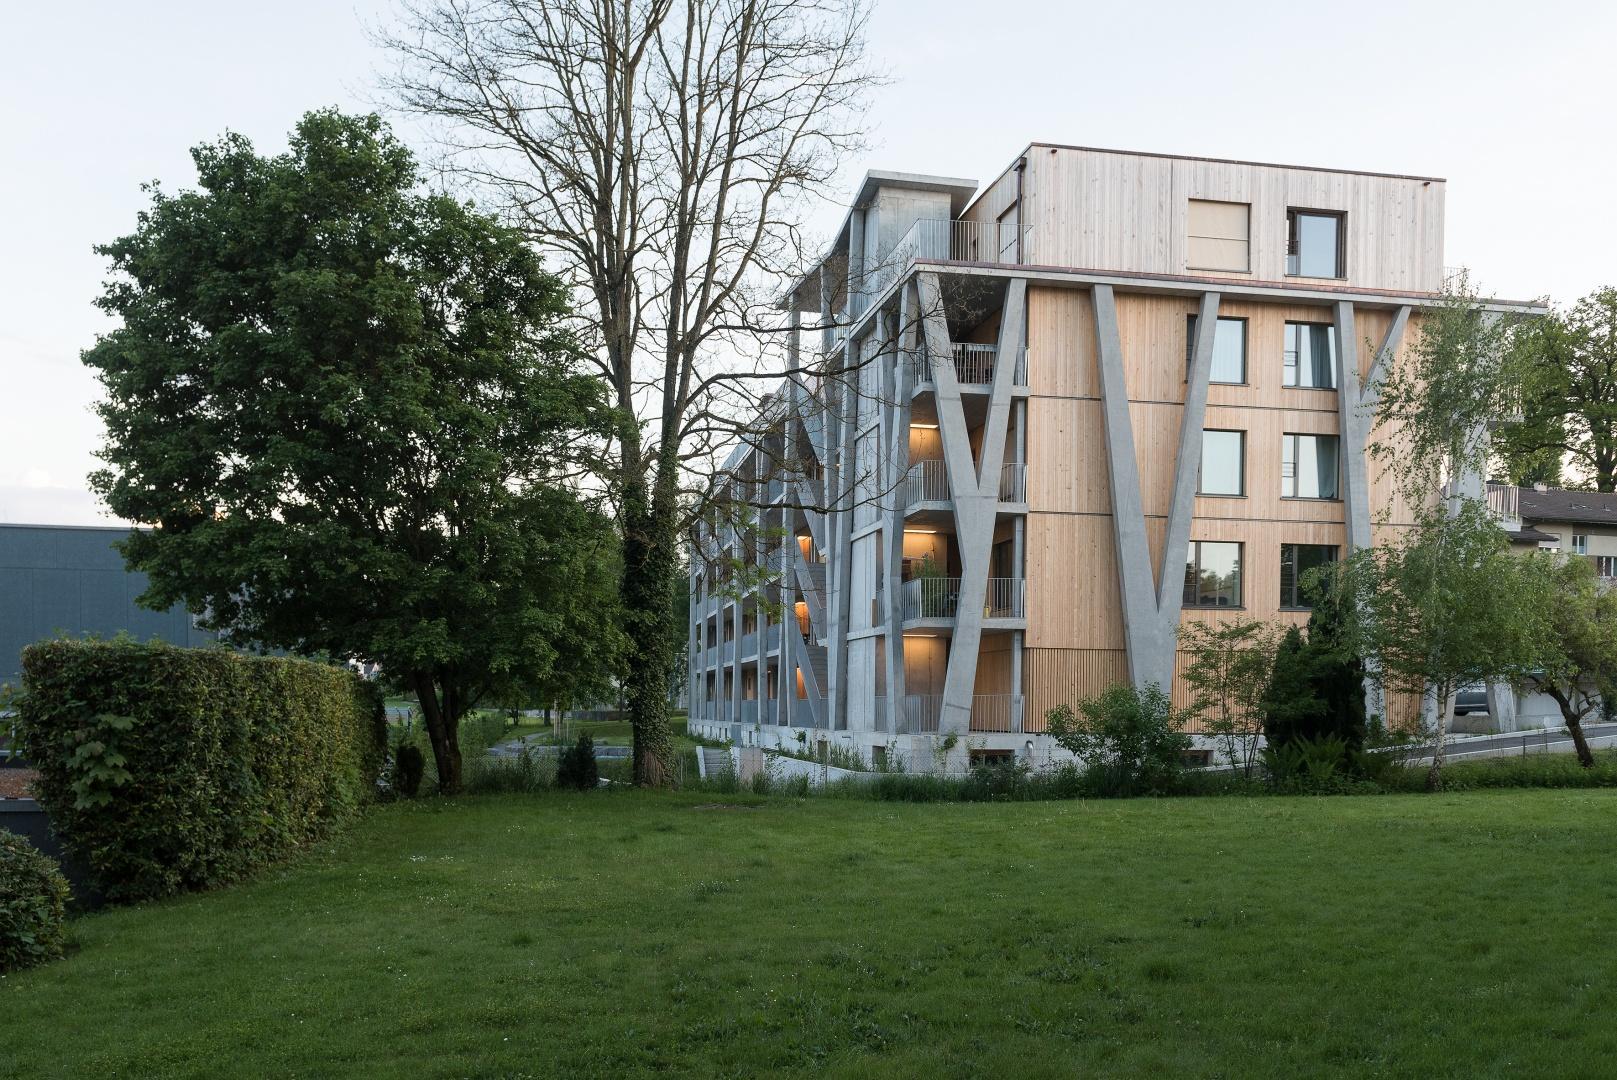 Nordfassade und Laubengang mit Aufzug © Christine Blaser, Bildaufbau, Sandrainstrasse 3 3007 Bern